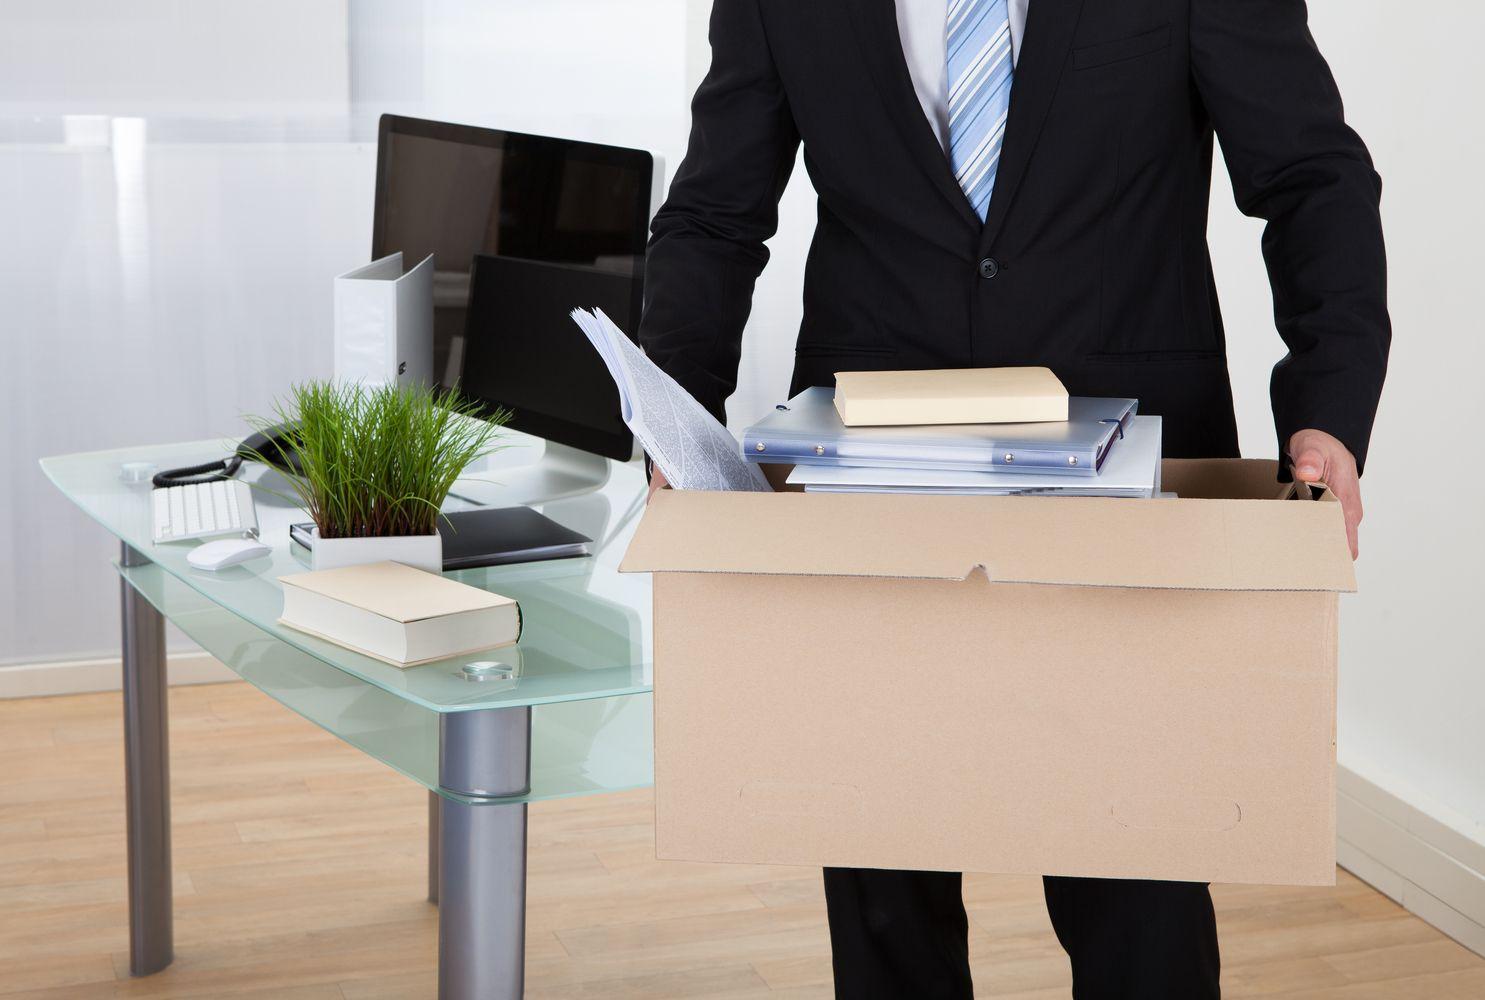 Darbuotojų kaita: metas prisitaikyti prie naujos realybės